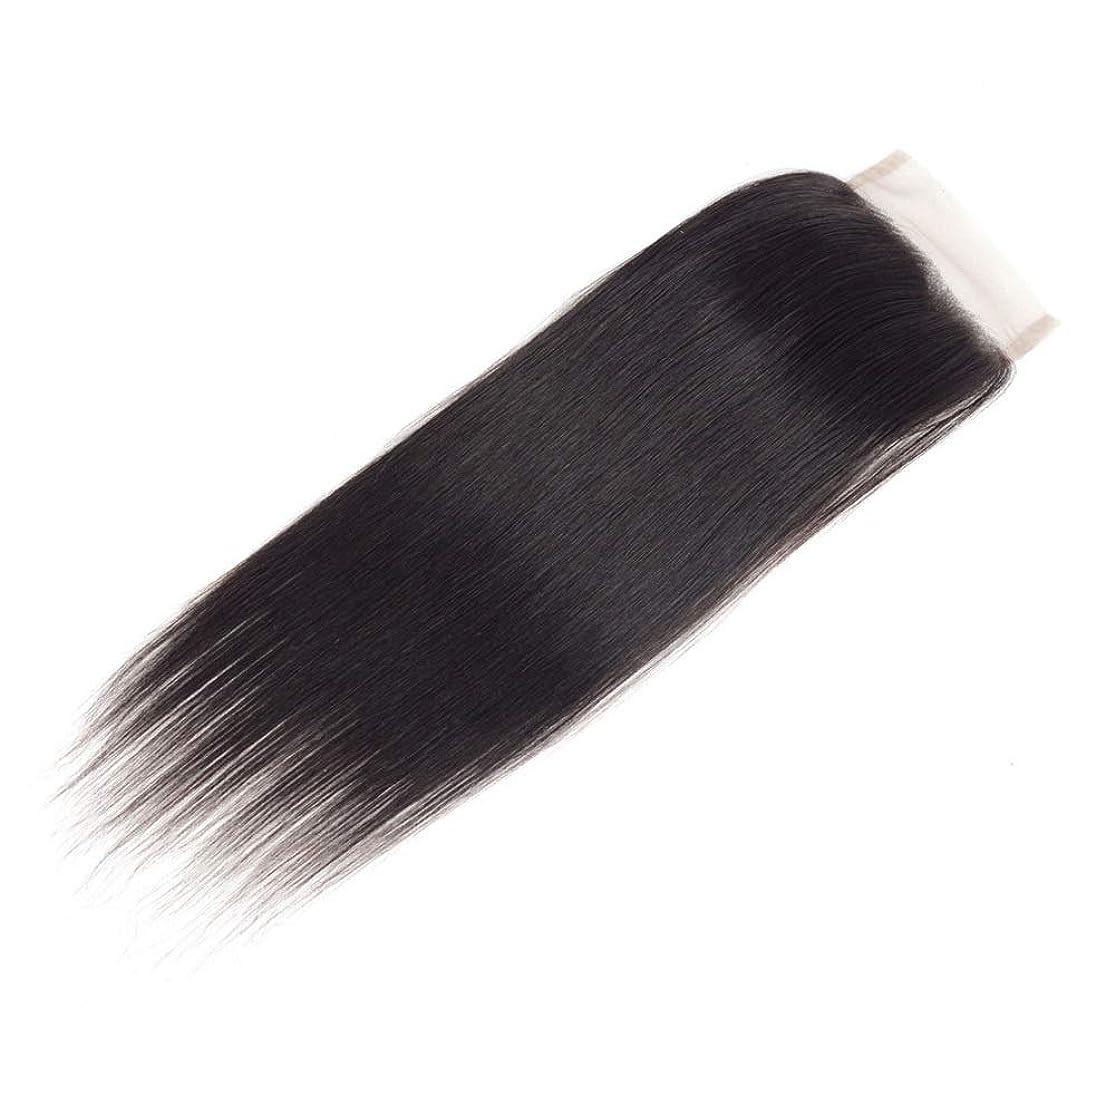 パートナーユダヤ人退屈させるYrattary ナチュラルカラーストレートヘアブラジル人毛4×4レース前頭閉鎖無料パート用女性ロングストレートヘアウィッグ (色 : ブラック, サイズ : 12 inch)